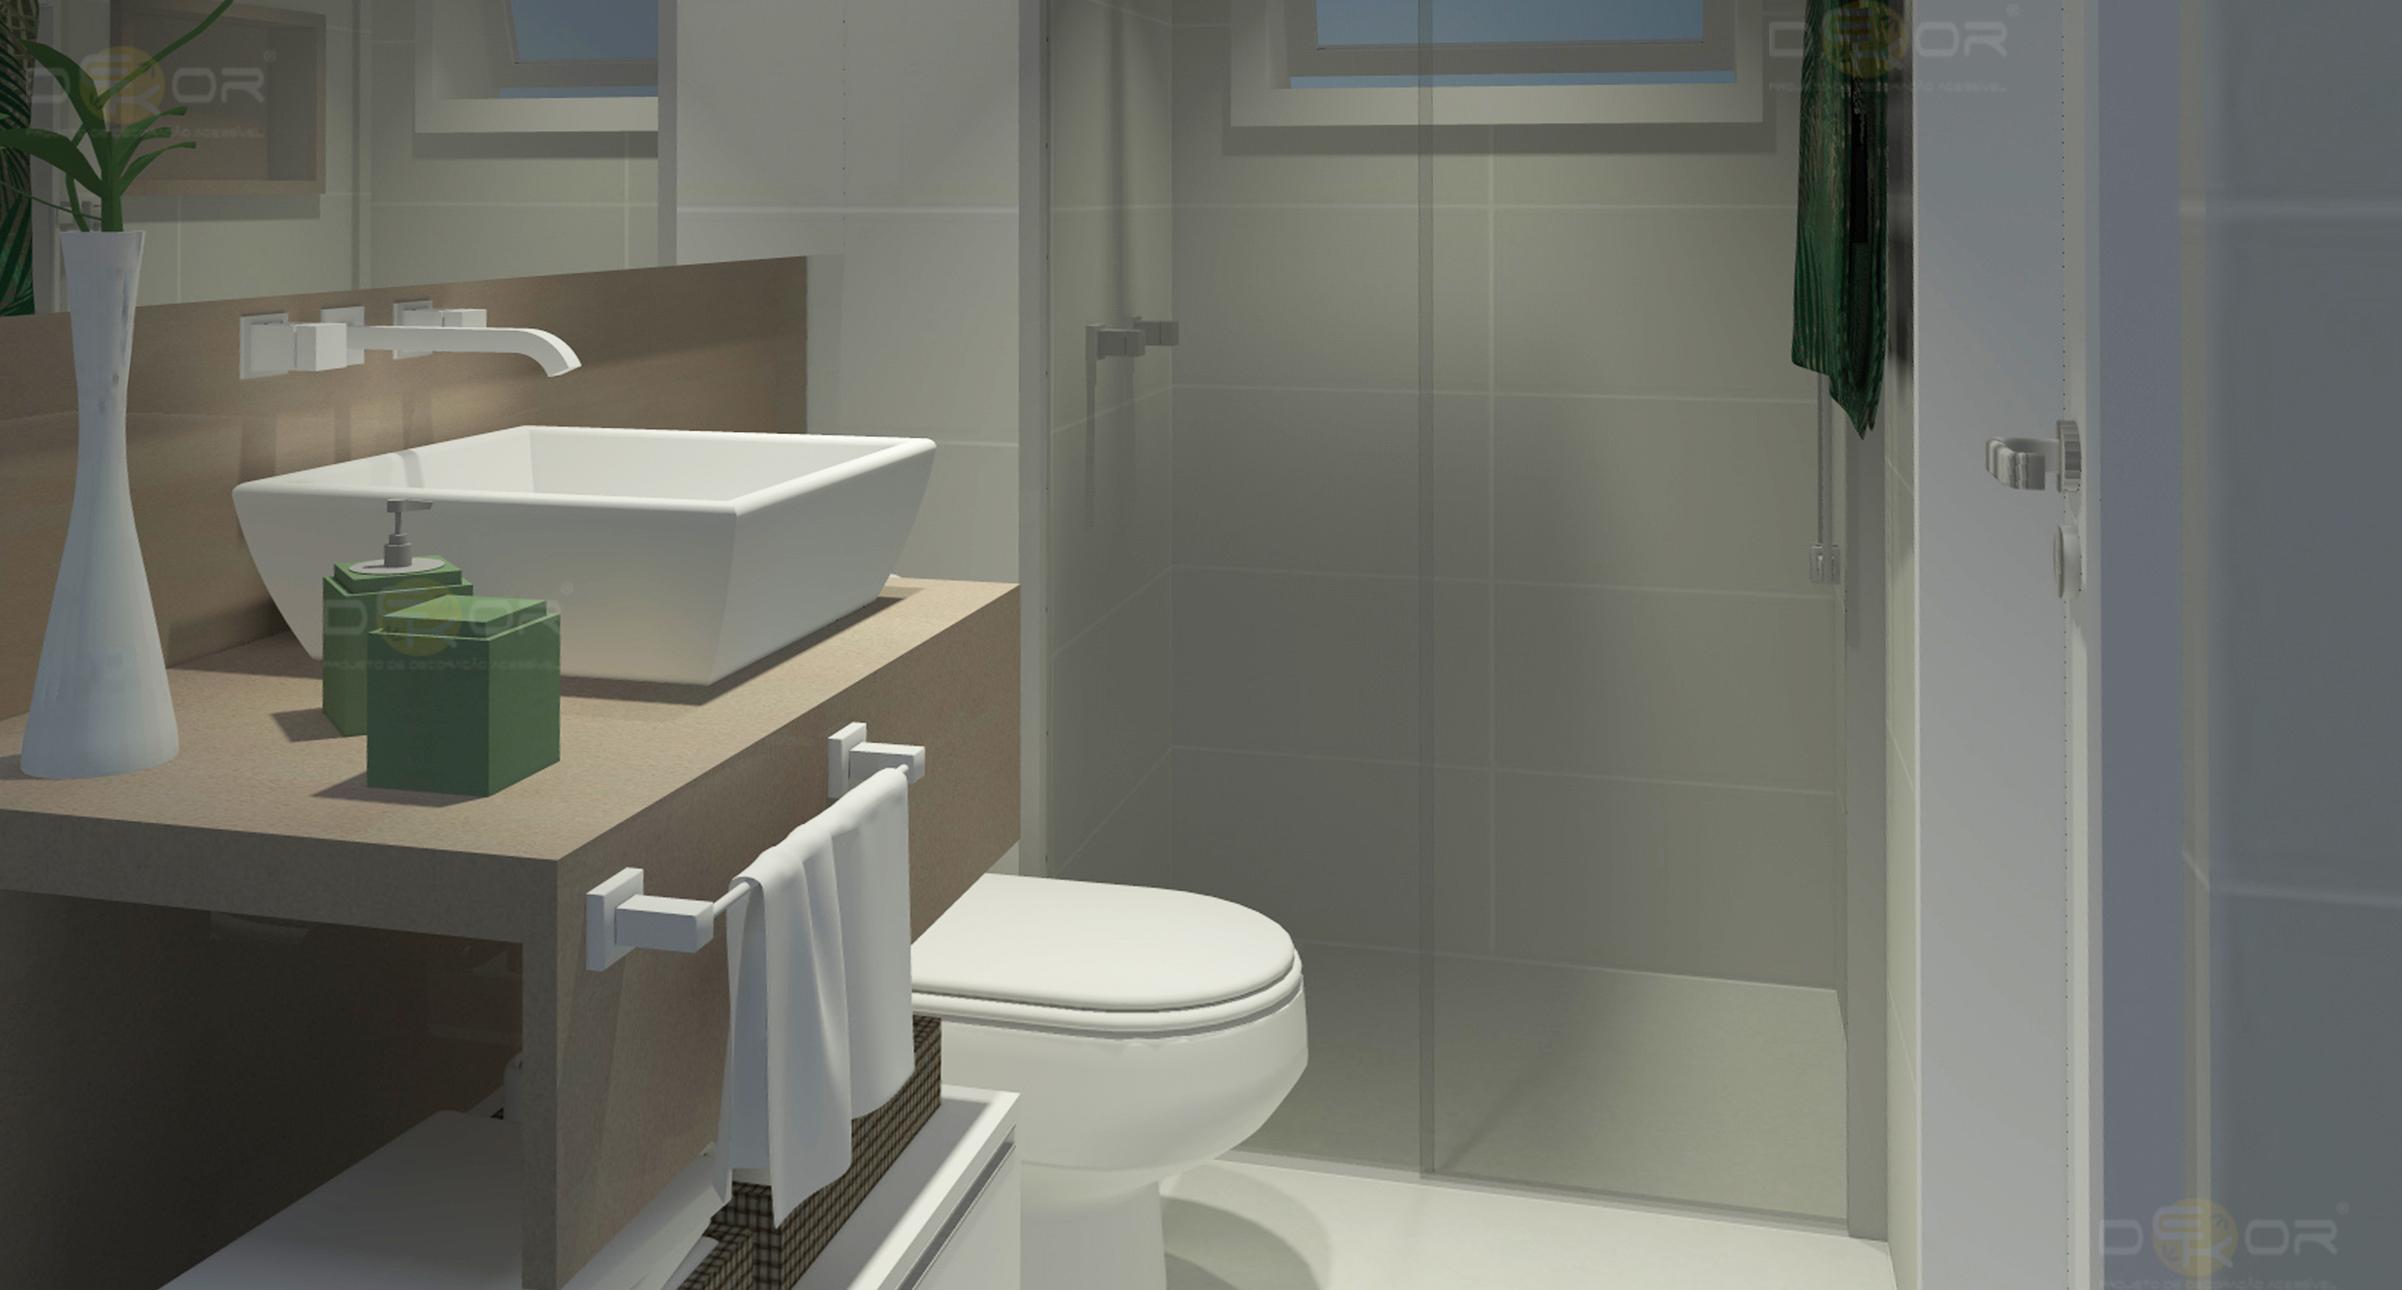 Projeto De Constru%C3%A7%C3%A3o De Banheiro %7C Projeto De #786D53 2402 1290